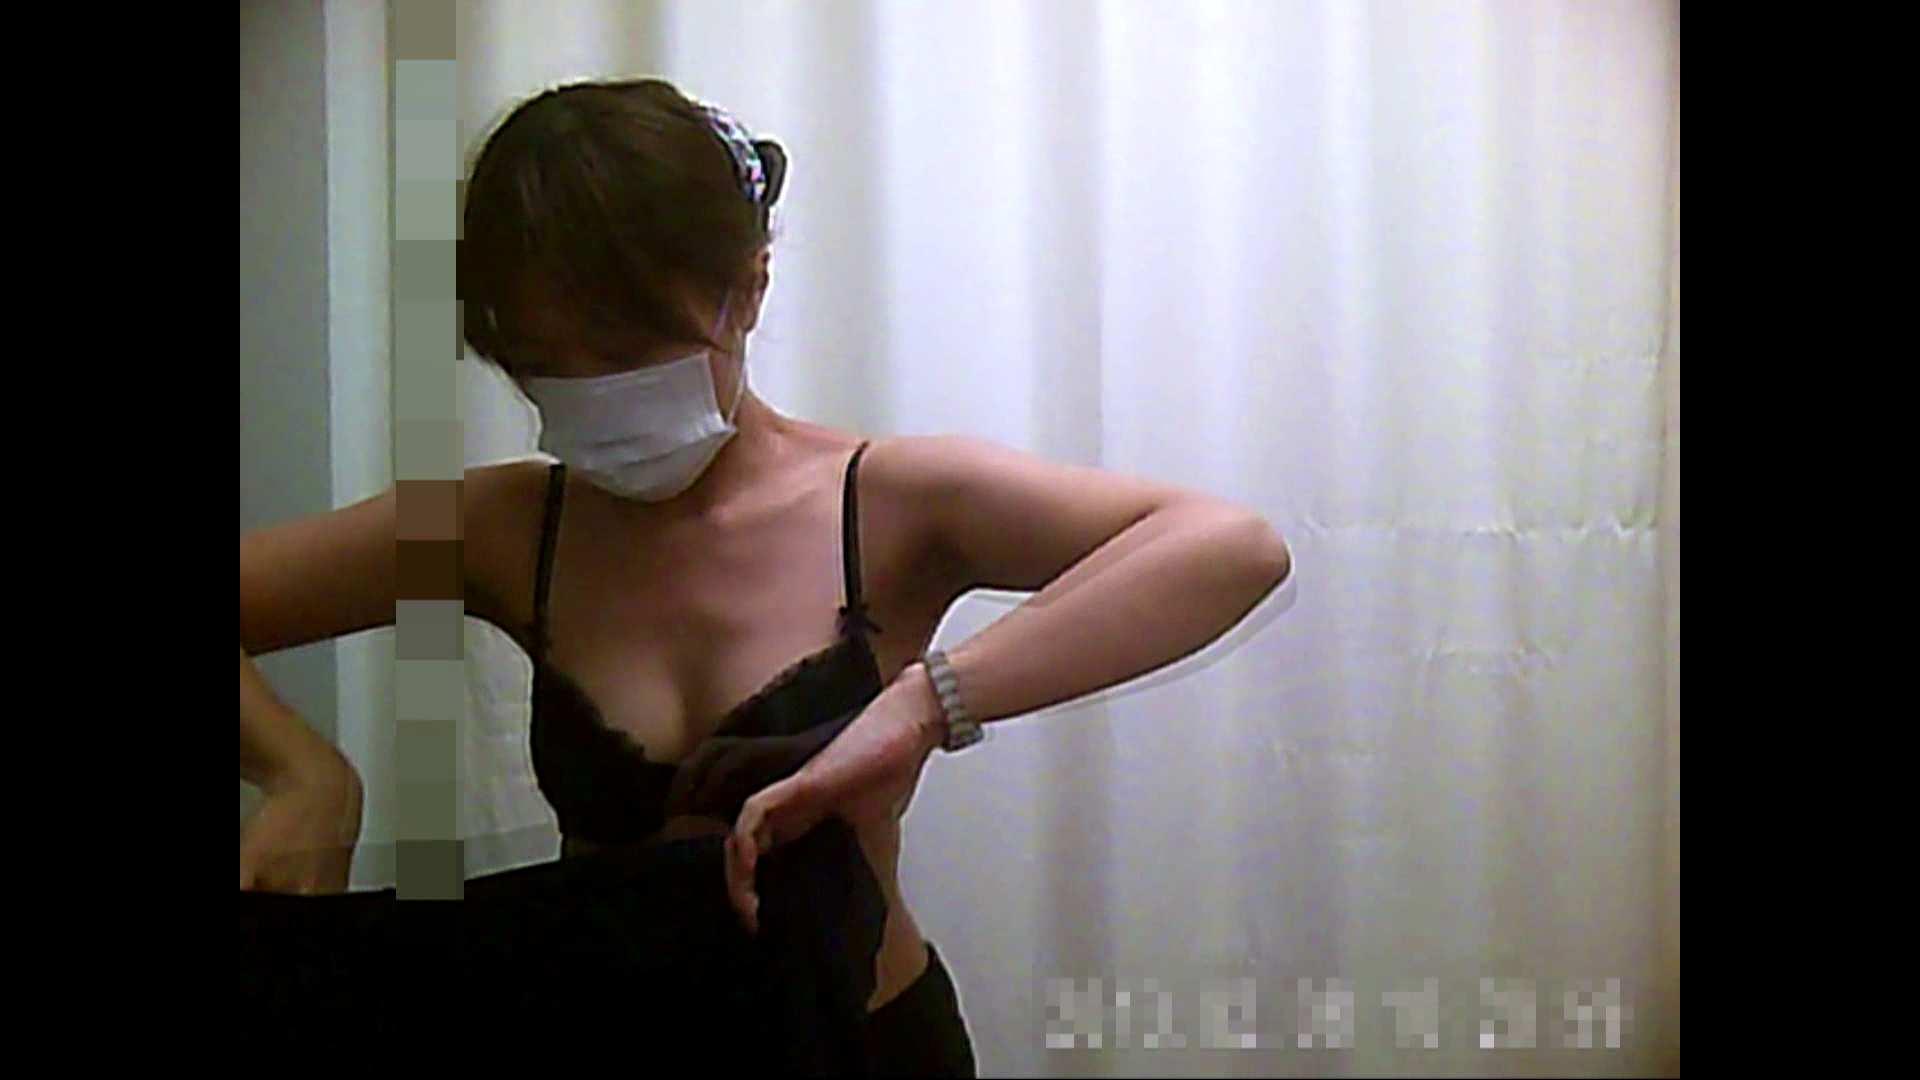 元医者による反抗 更衣室地獄絵巻 vol.148 盛合せ  89PIX 31